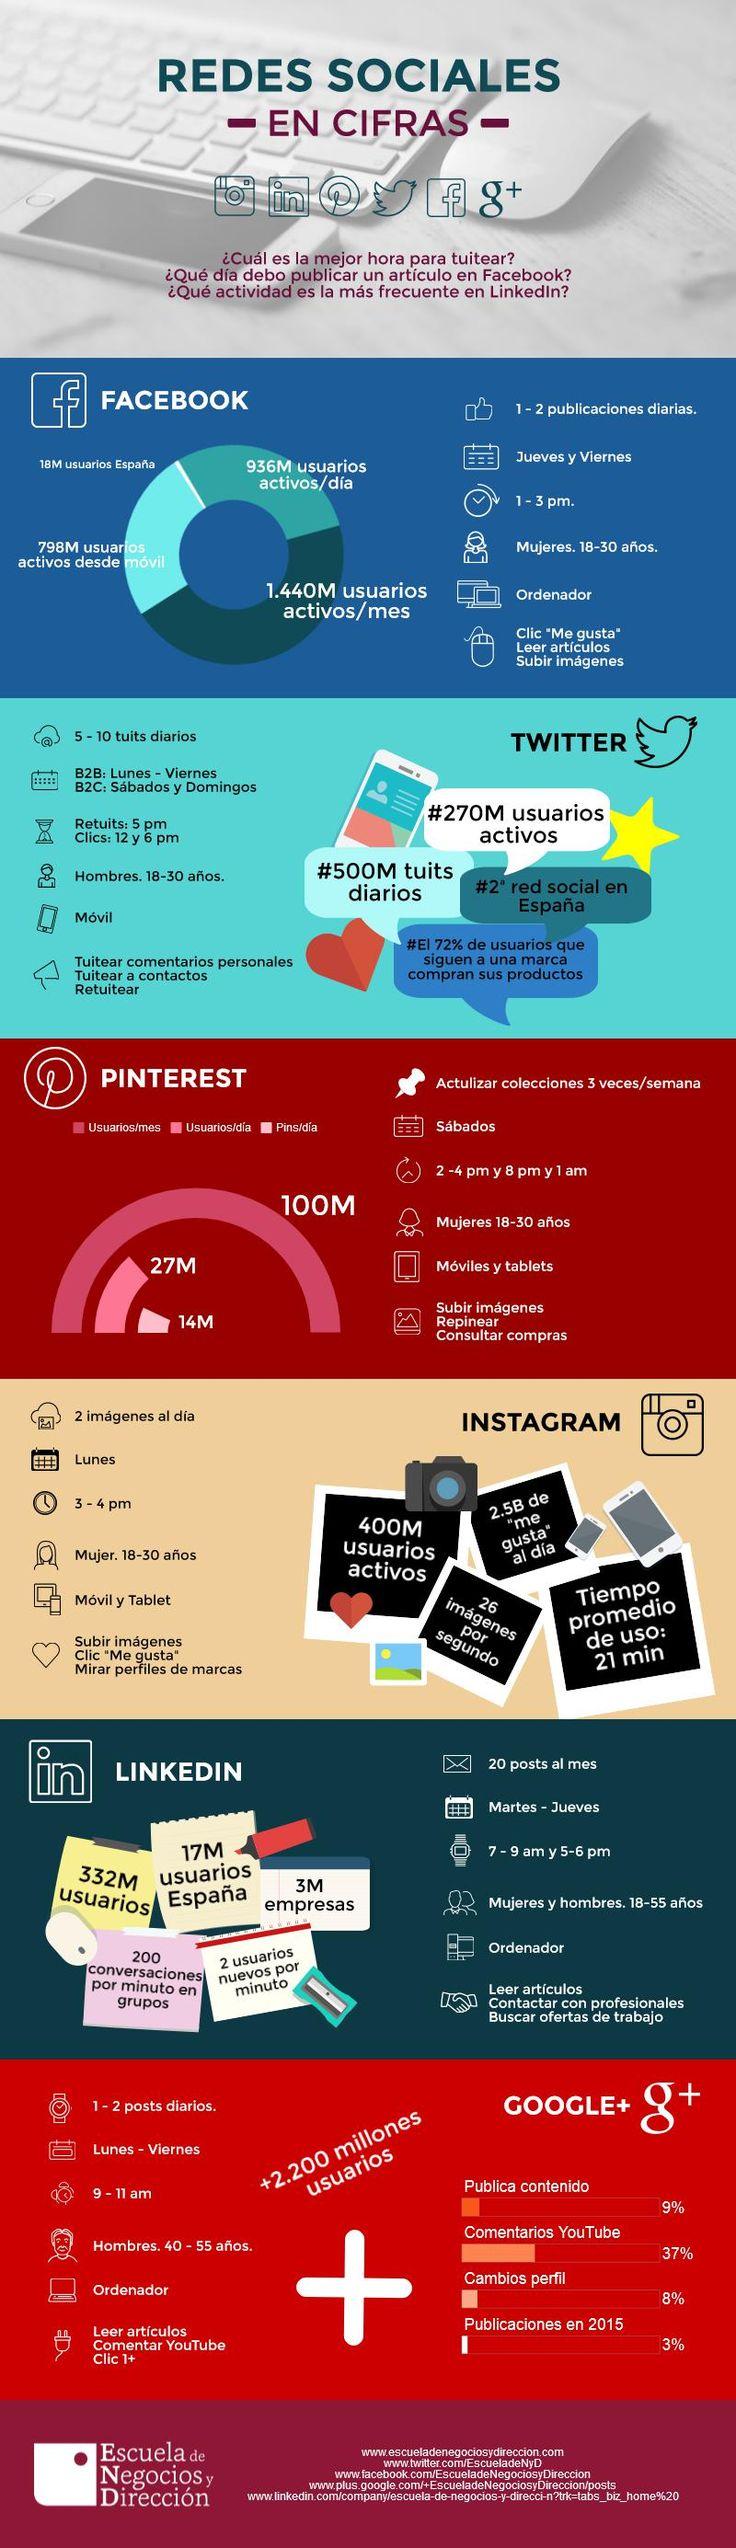 Redes Sociales en cifras ENyD